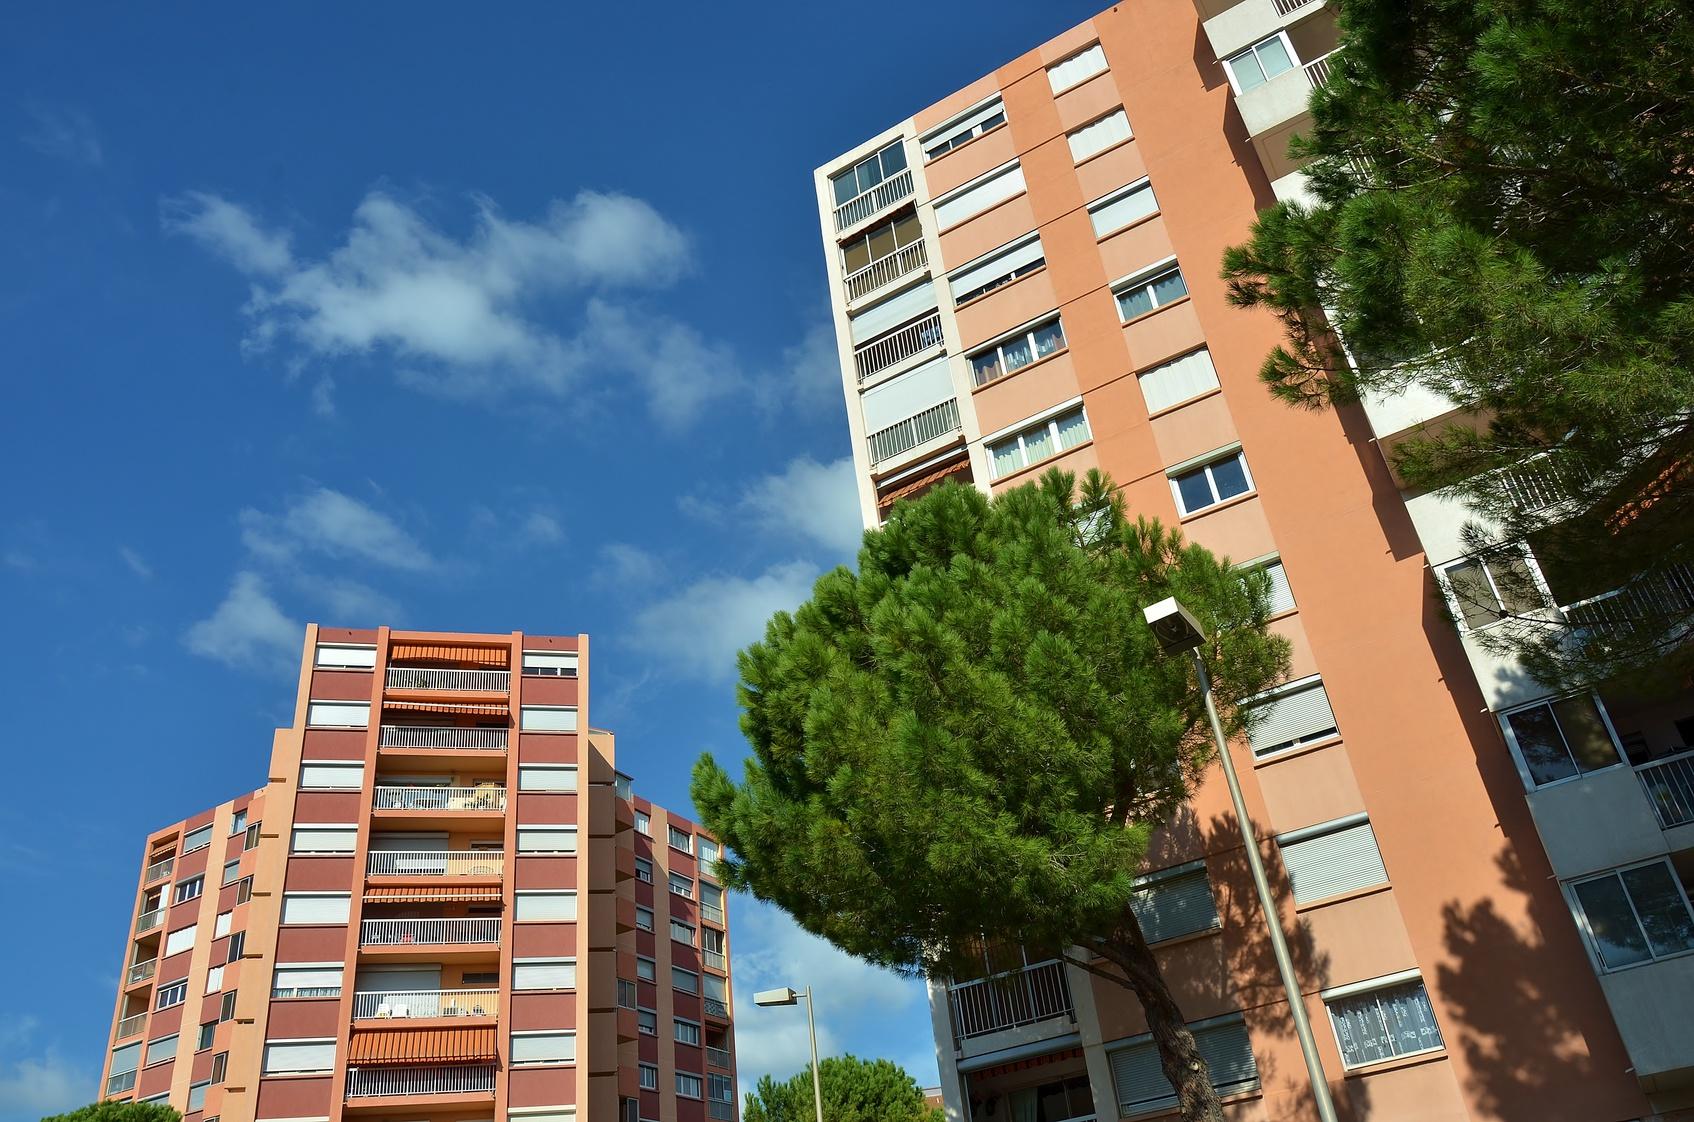 Immeubles - Droit de la copropriété